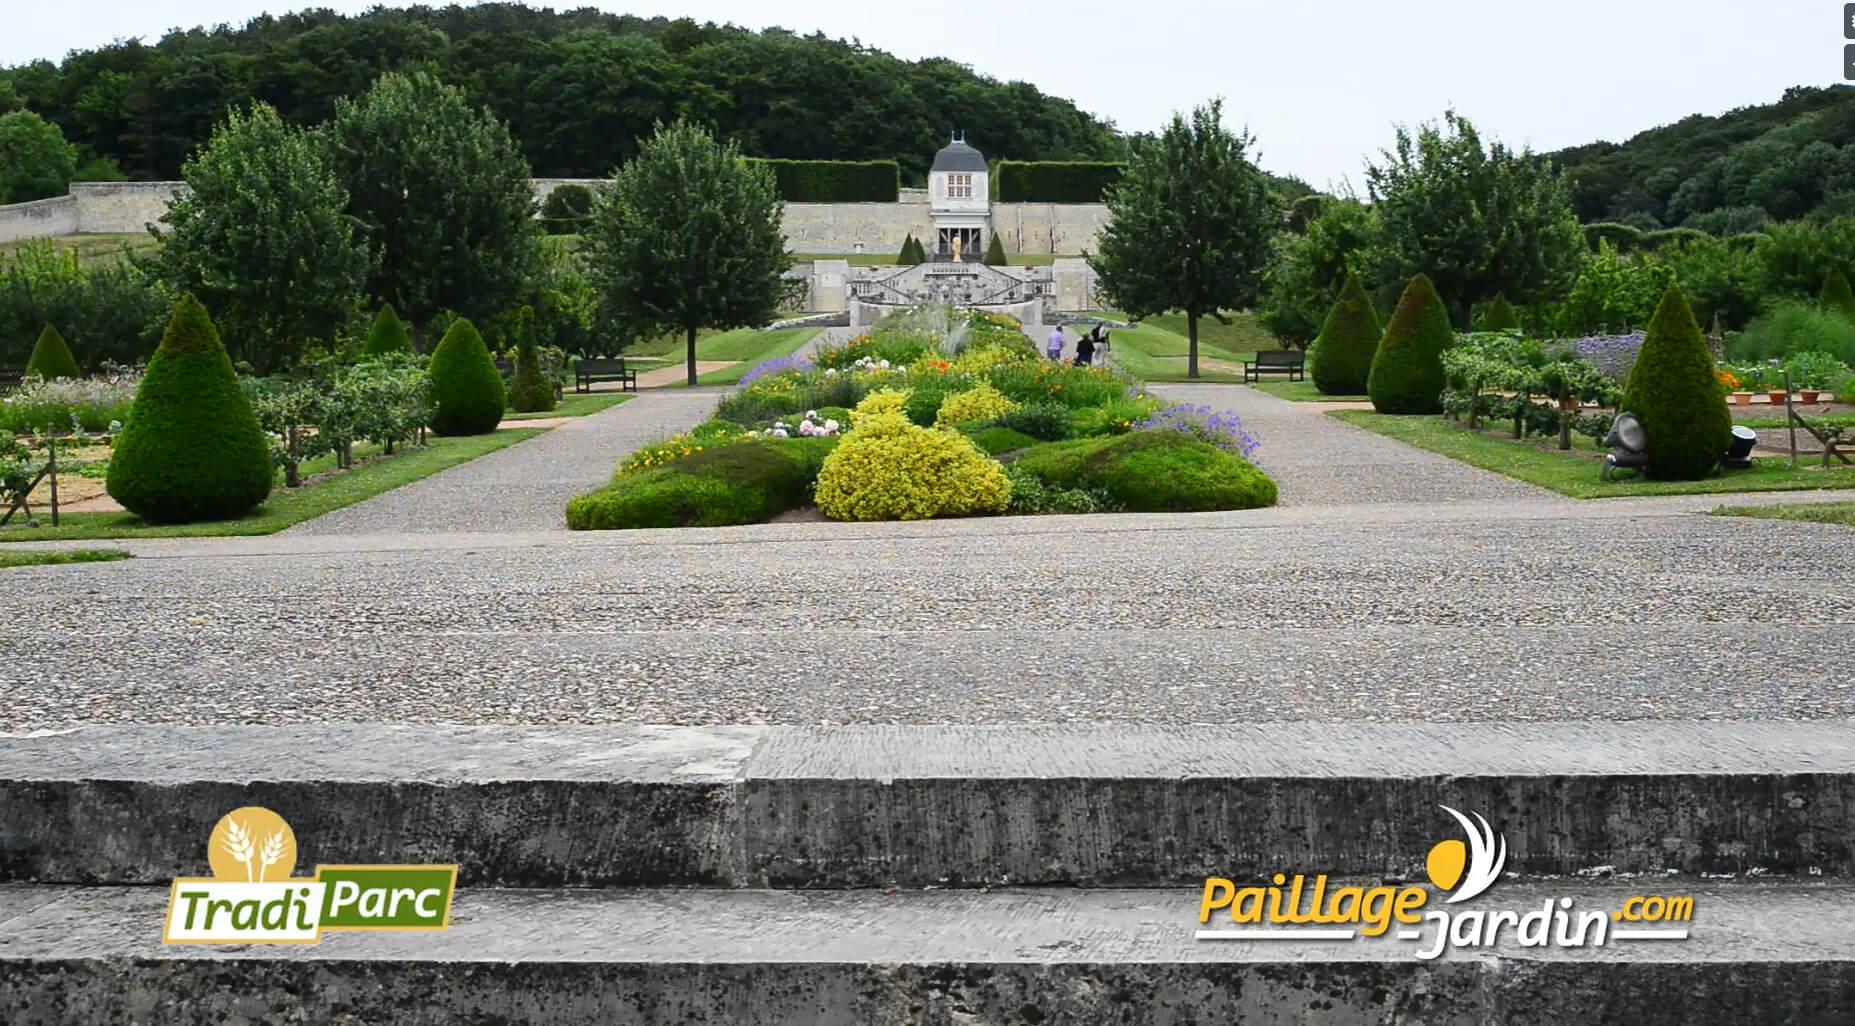 Tradiparc - Découvrez les différents paillages offerts pour la beauté de vos jardins. Sur cette vidéo, le produit Tradiparc... Une vidéo réalisée avec l'intervention du client pour la sociétéPaillage-jardin.com